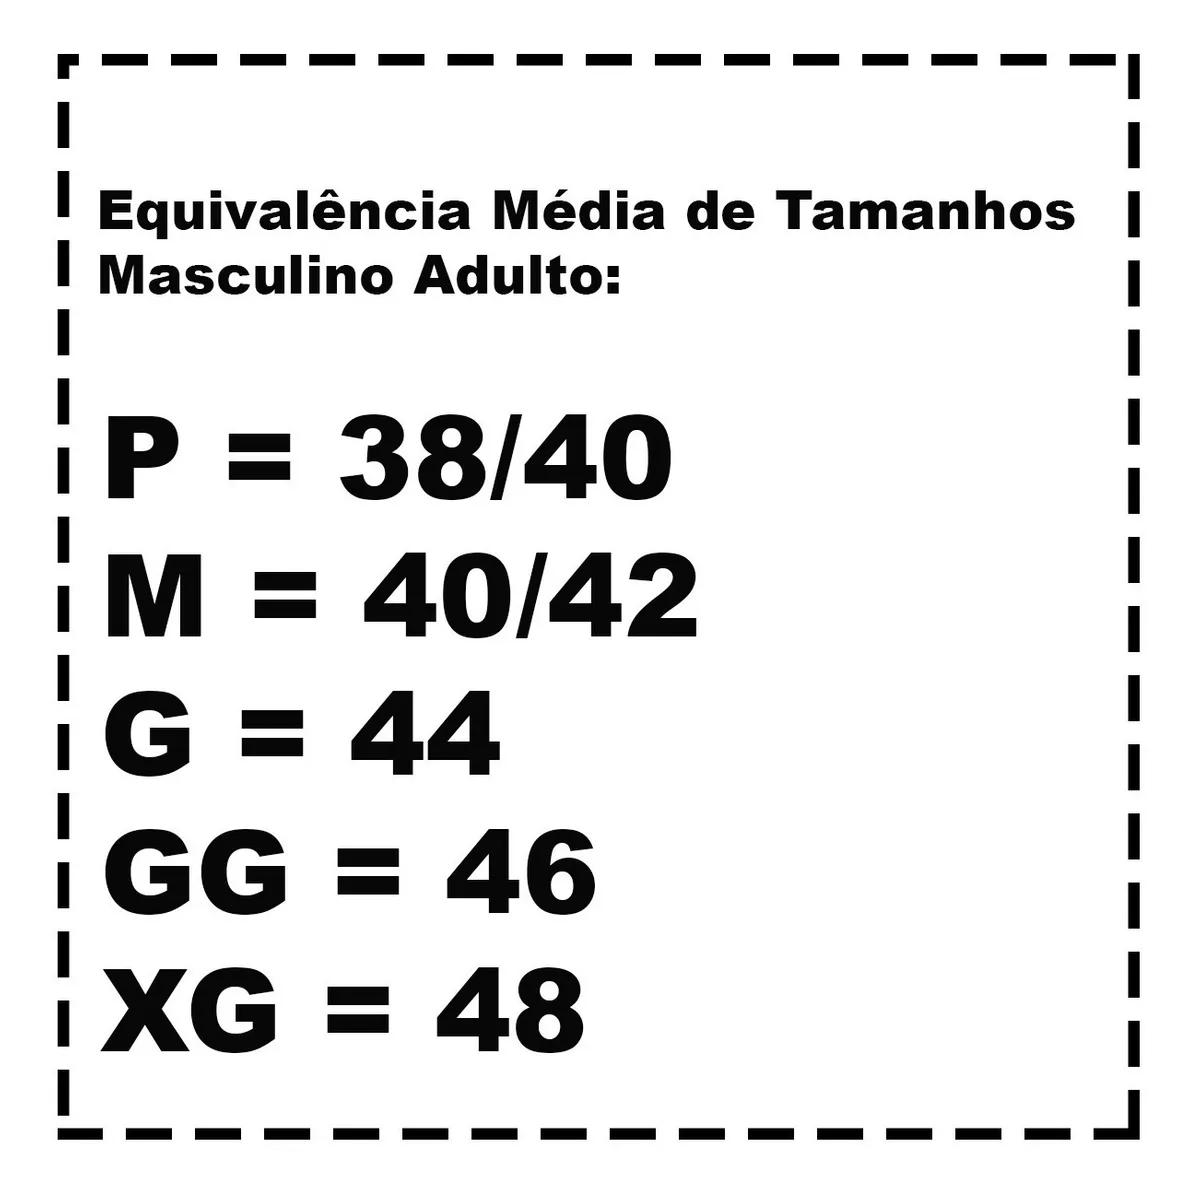 Samba Canção Cueca Short de Dormir Liganete Masculino Adulto Ref: 4303